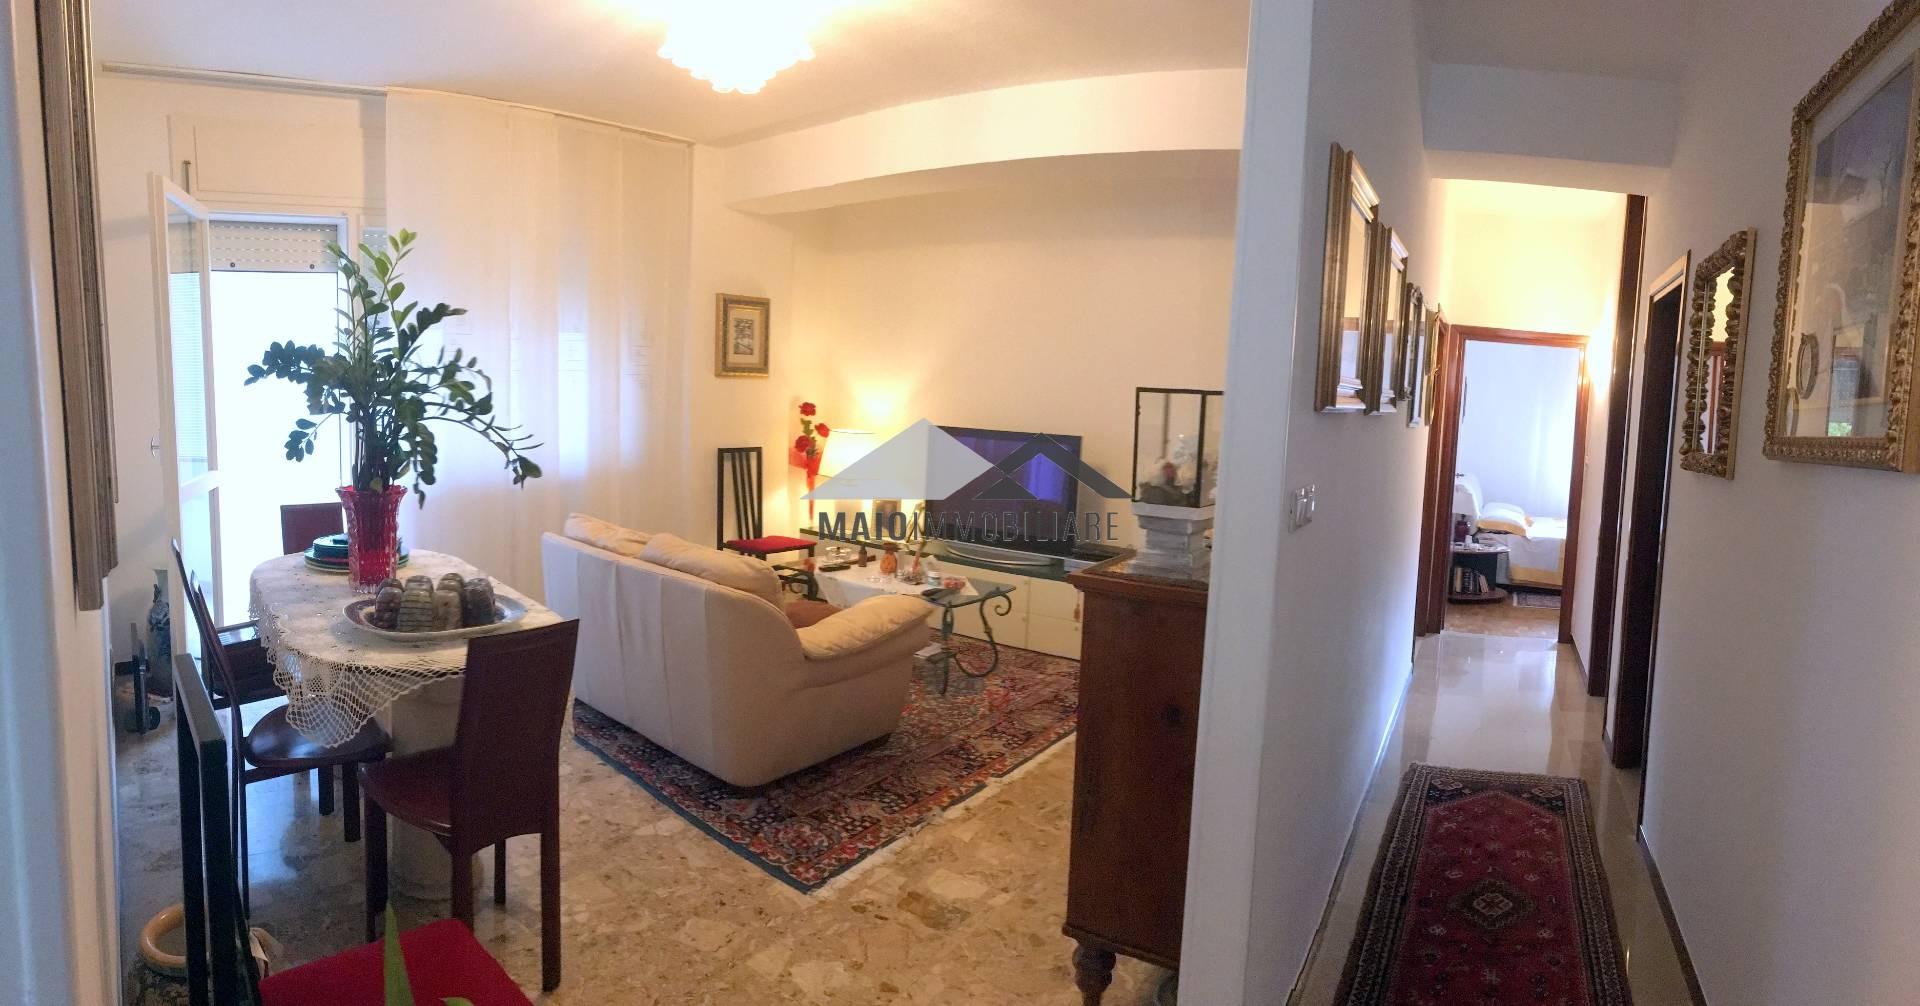 Appartamento in vendita a Riccione, 4 locali, zona Località: PAESE, prezzo € 295.000 | Cambio Casa.it